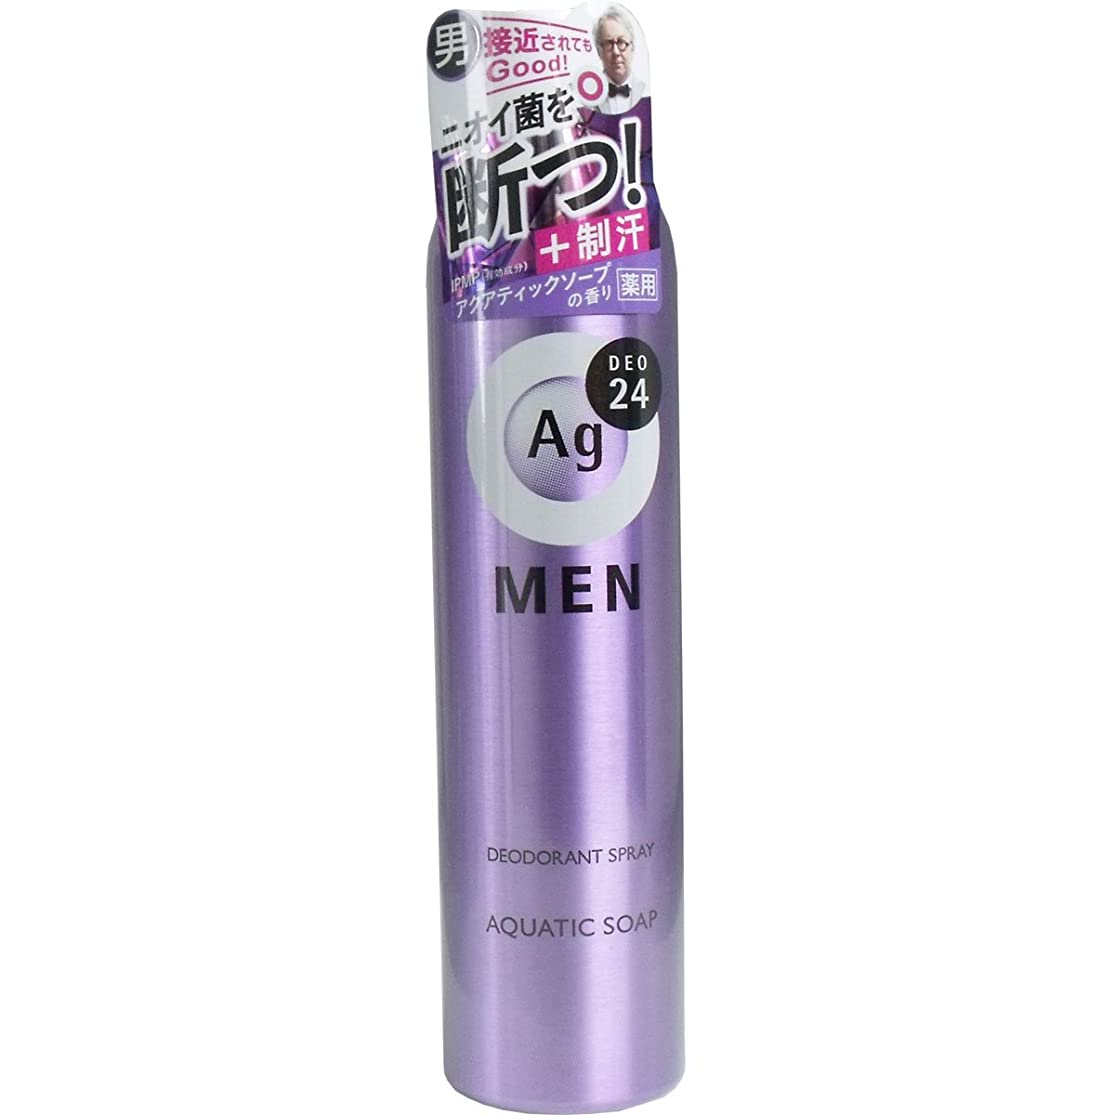 人物偶然心臓(資生堂)AGデオ24メン メンズデオドラントスプレーN アクアティックソープの香り 100g(医薬部外品)